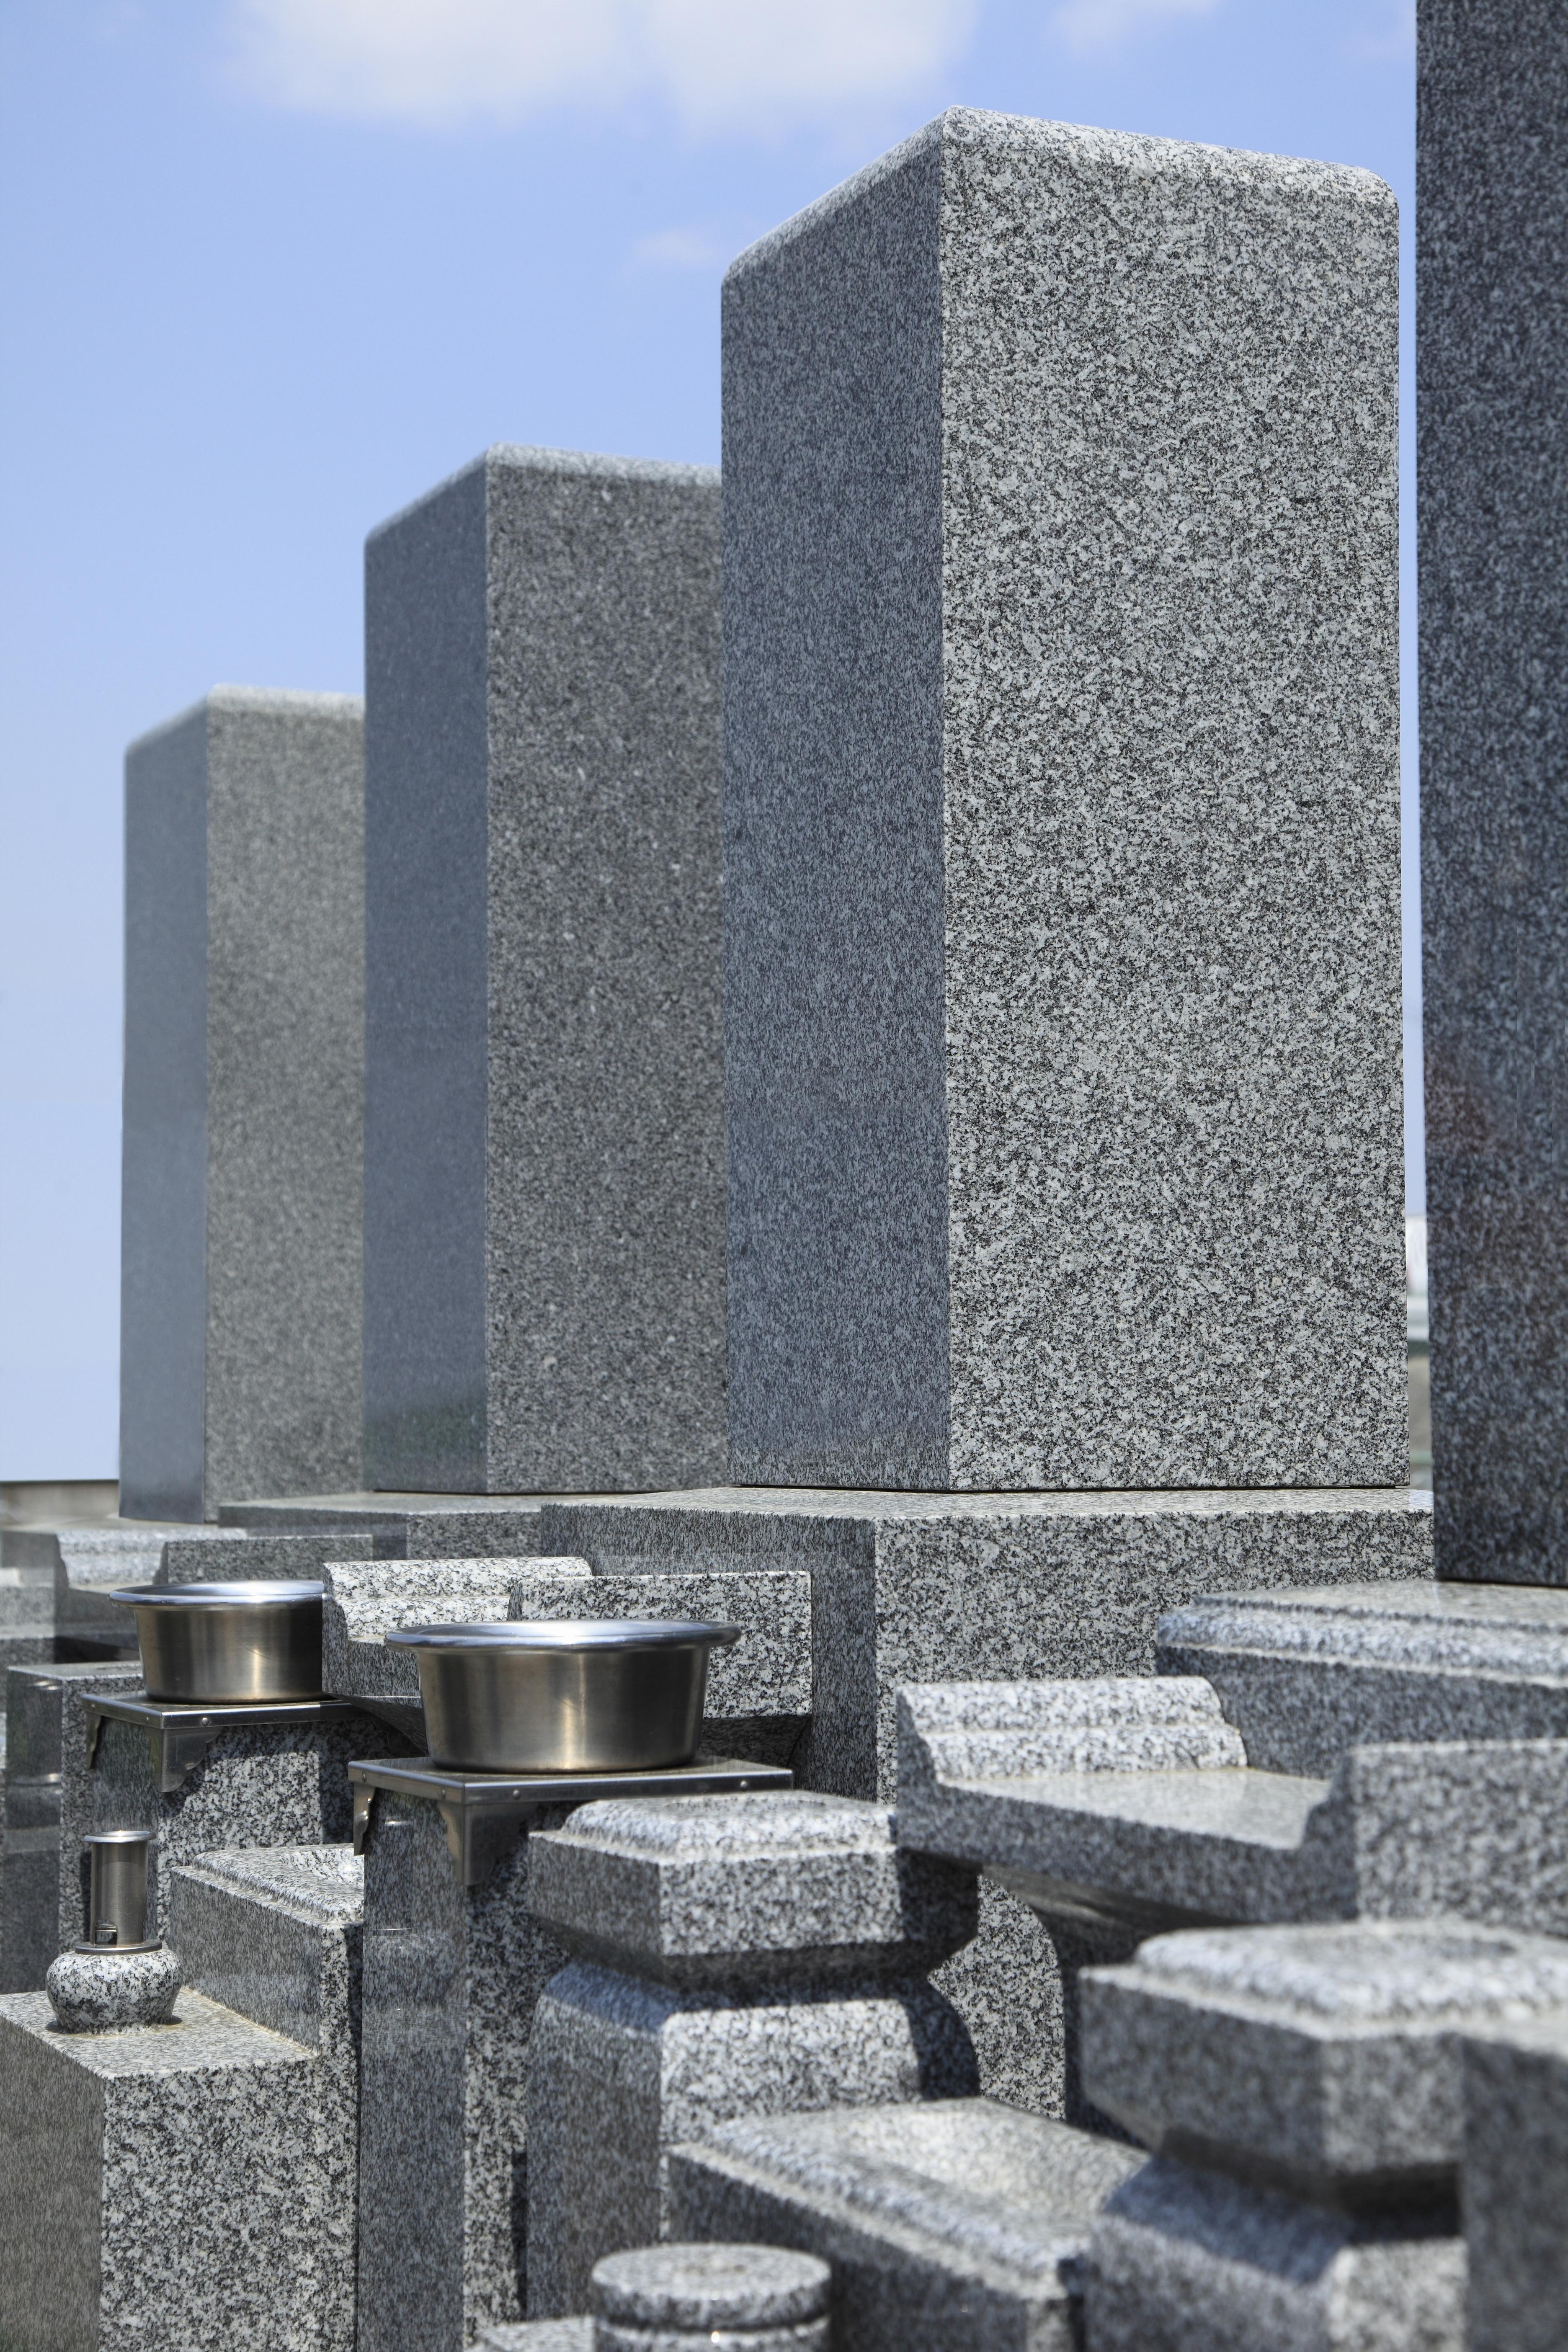 福岡県の葬儀・お葬式の基本情報のまとめ【事情・しきたり】のサムネイル画像